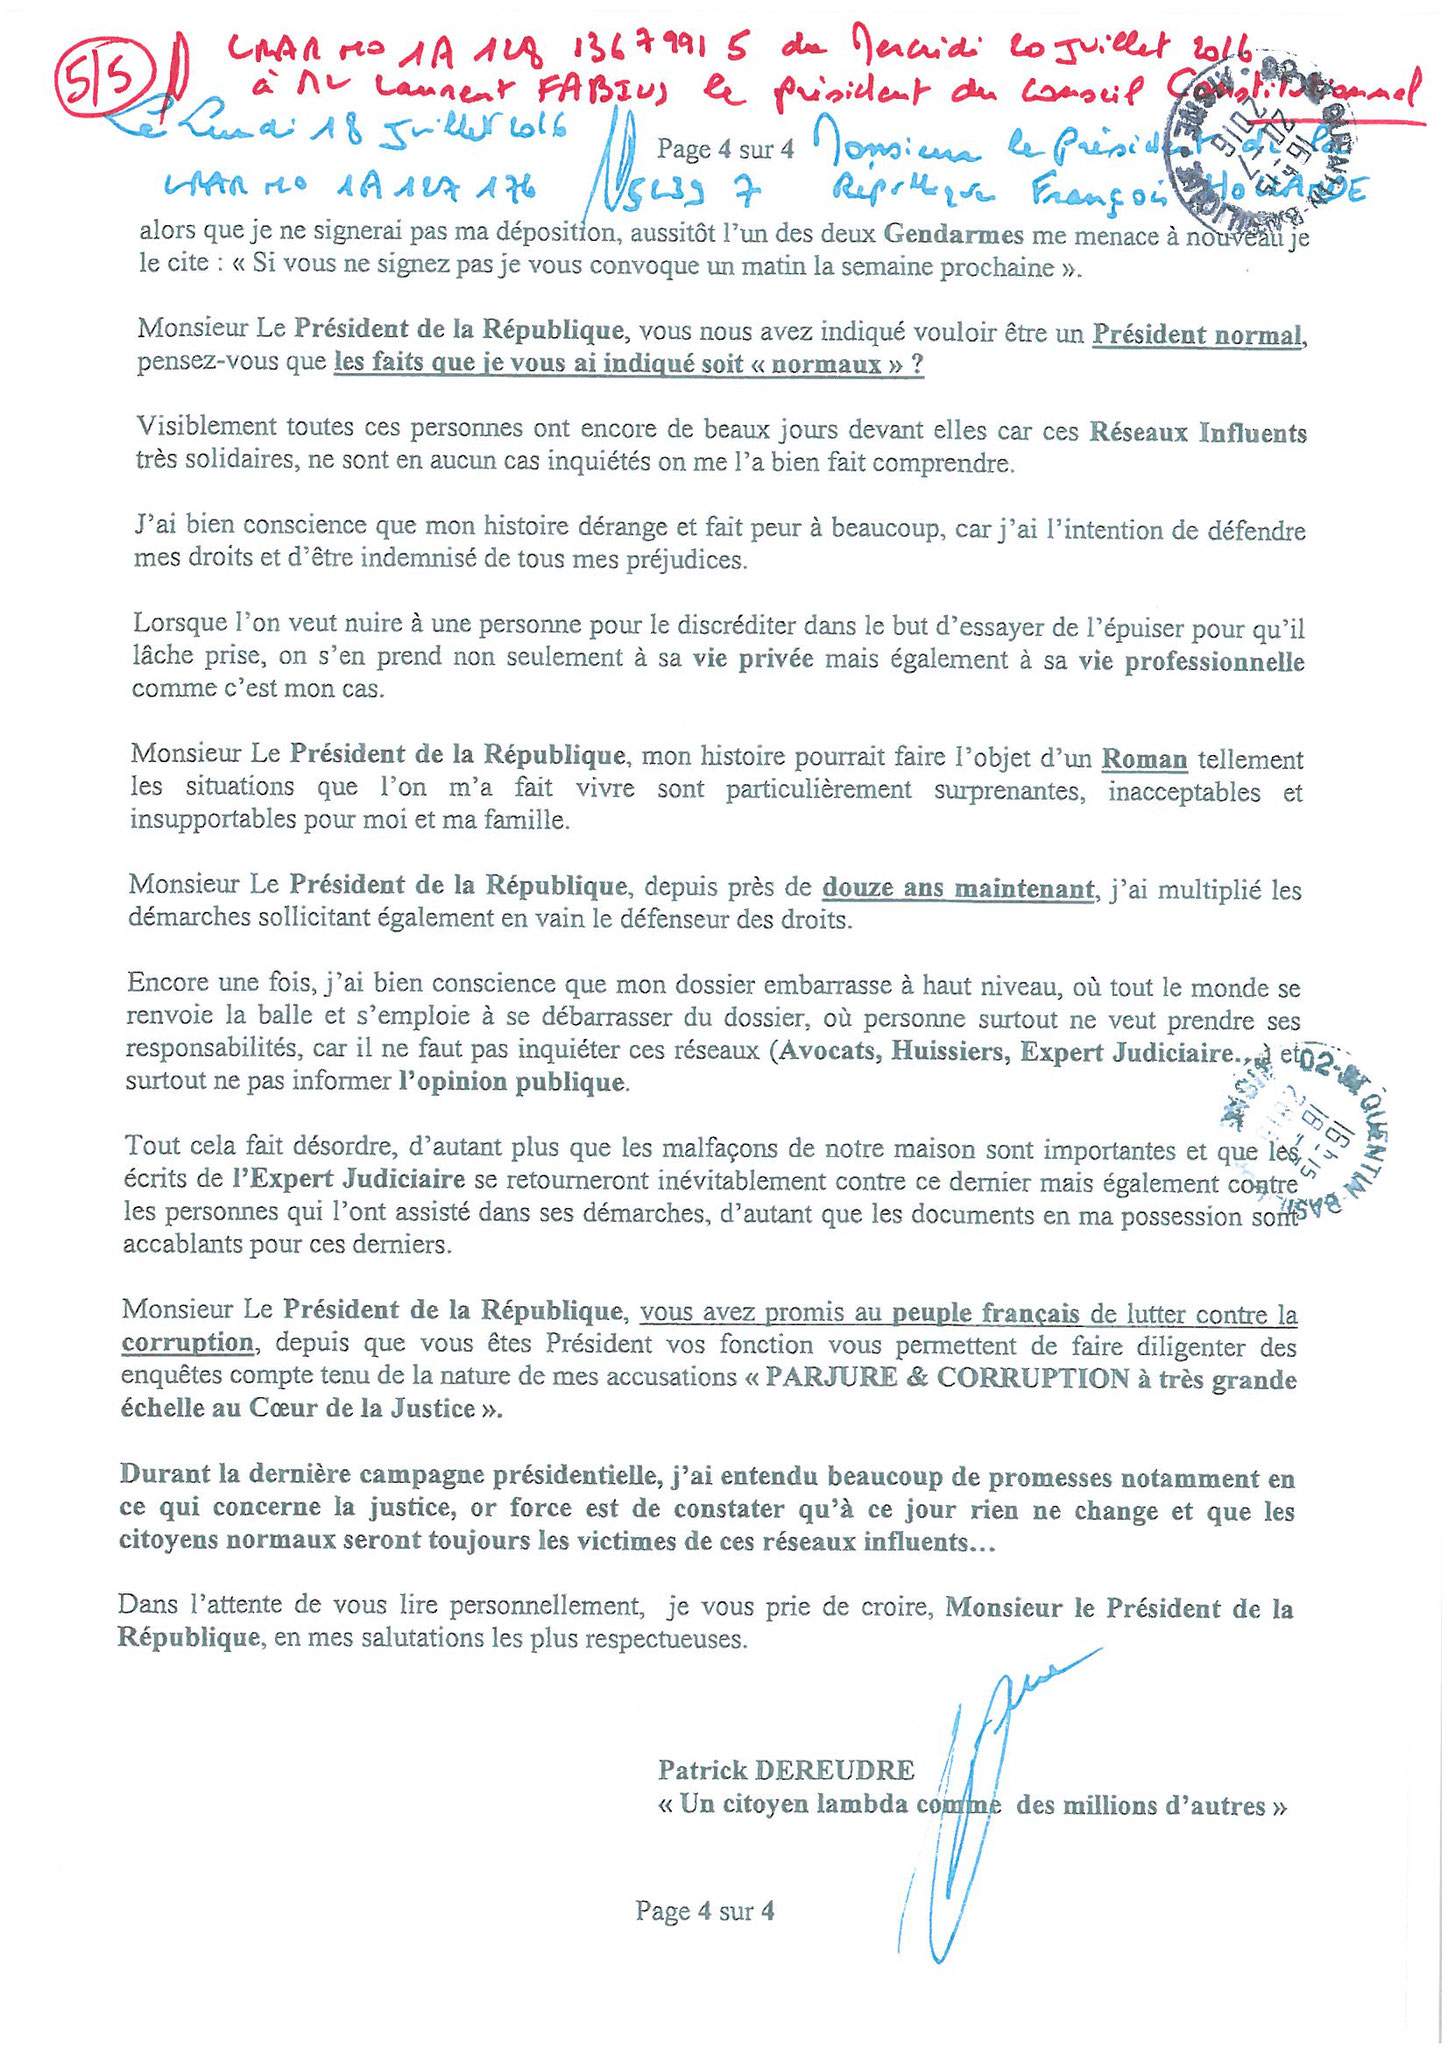 LRAR du 20 Juillet 2016 à Monsieur Laurent FABIUS le Président du Conseil Constitutionnel page 5 à 5 www.maisonnonconforme.fr